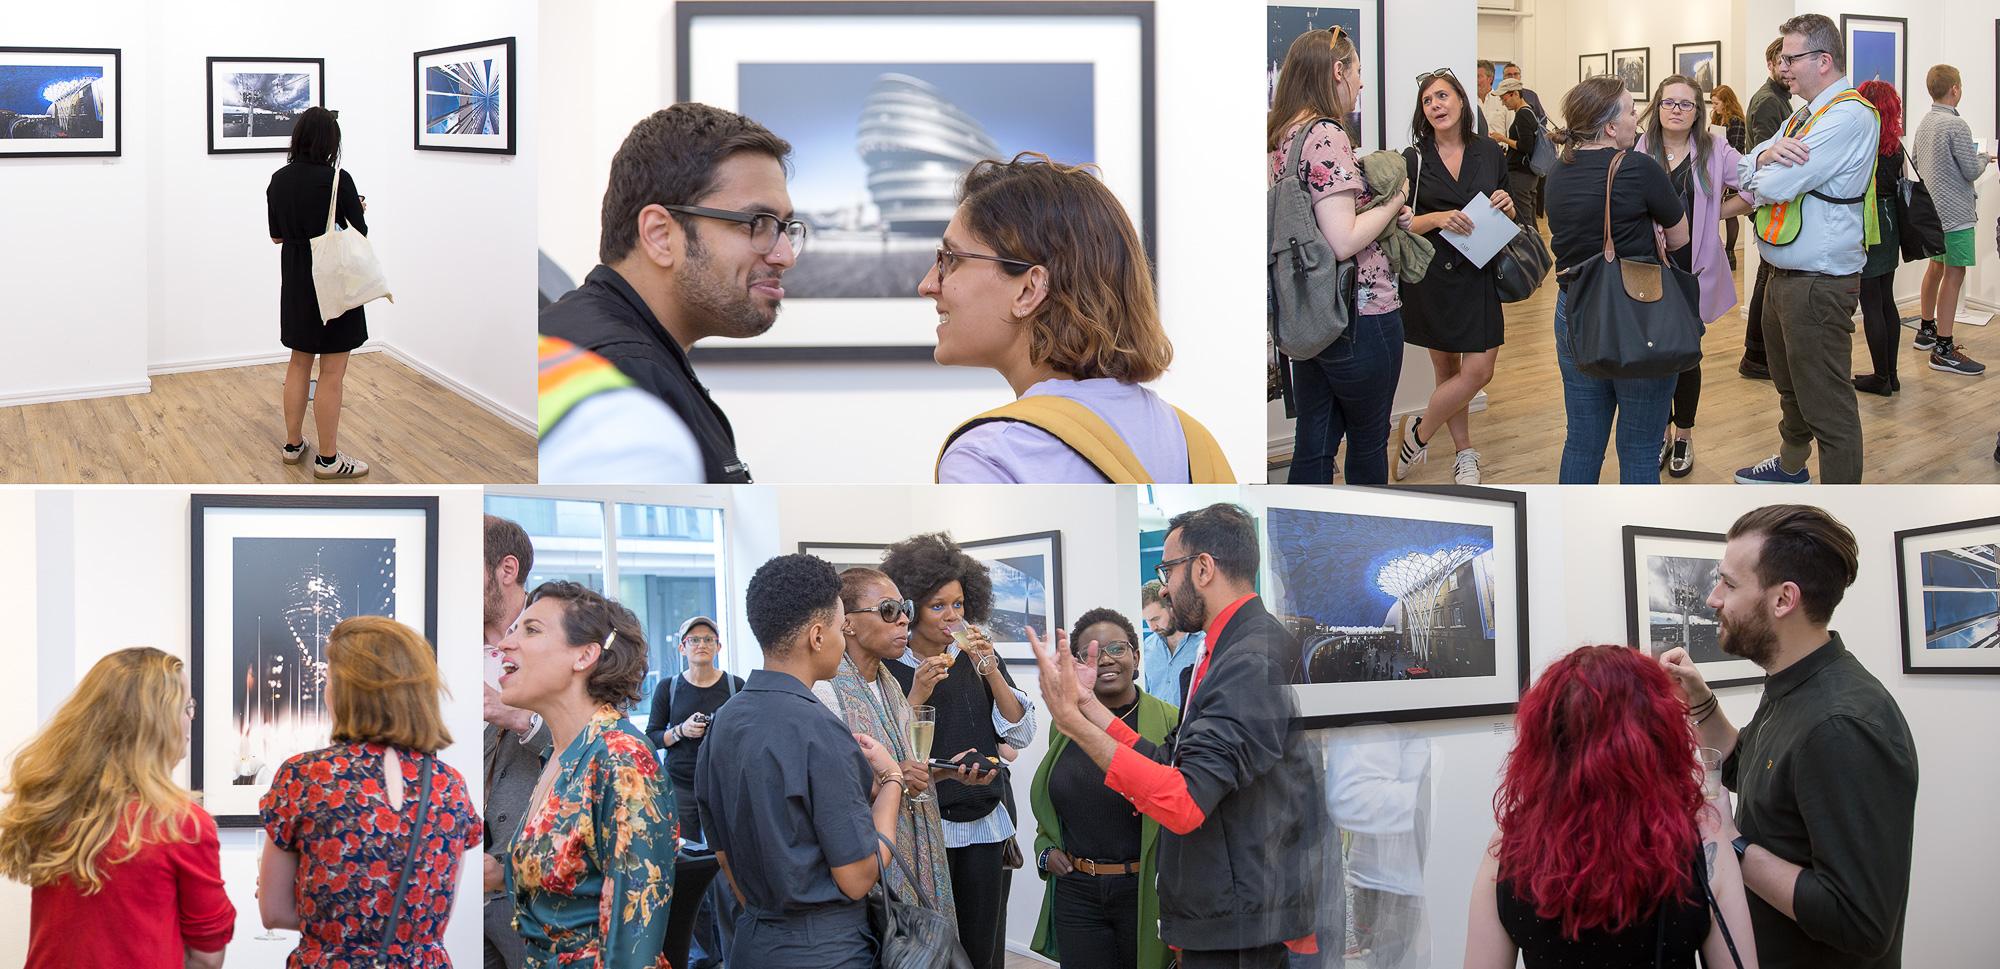 Robert John's exhibition